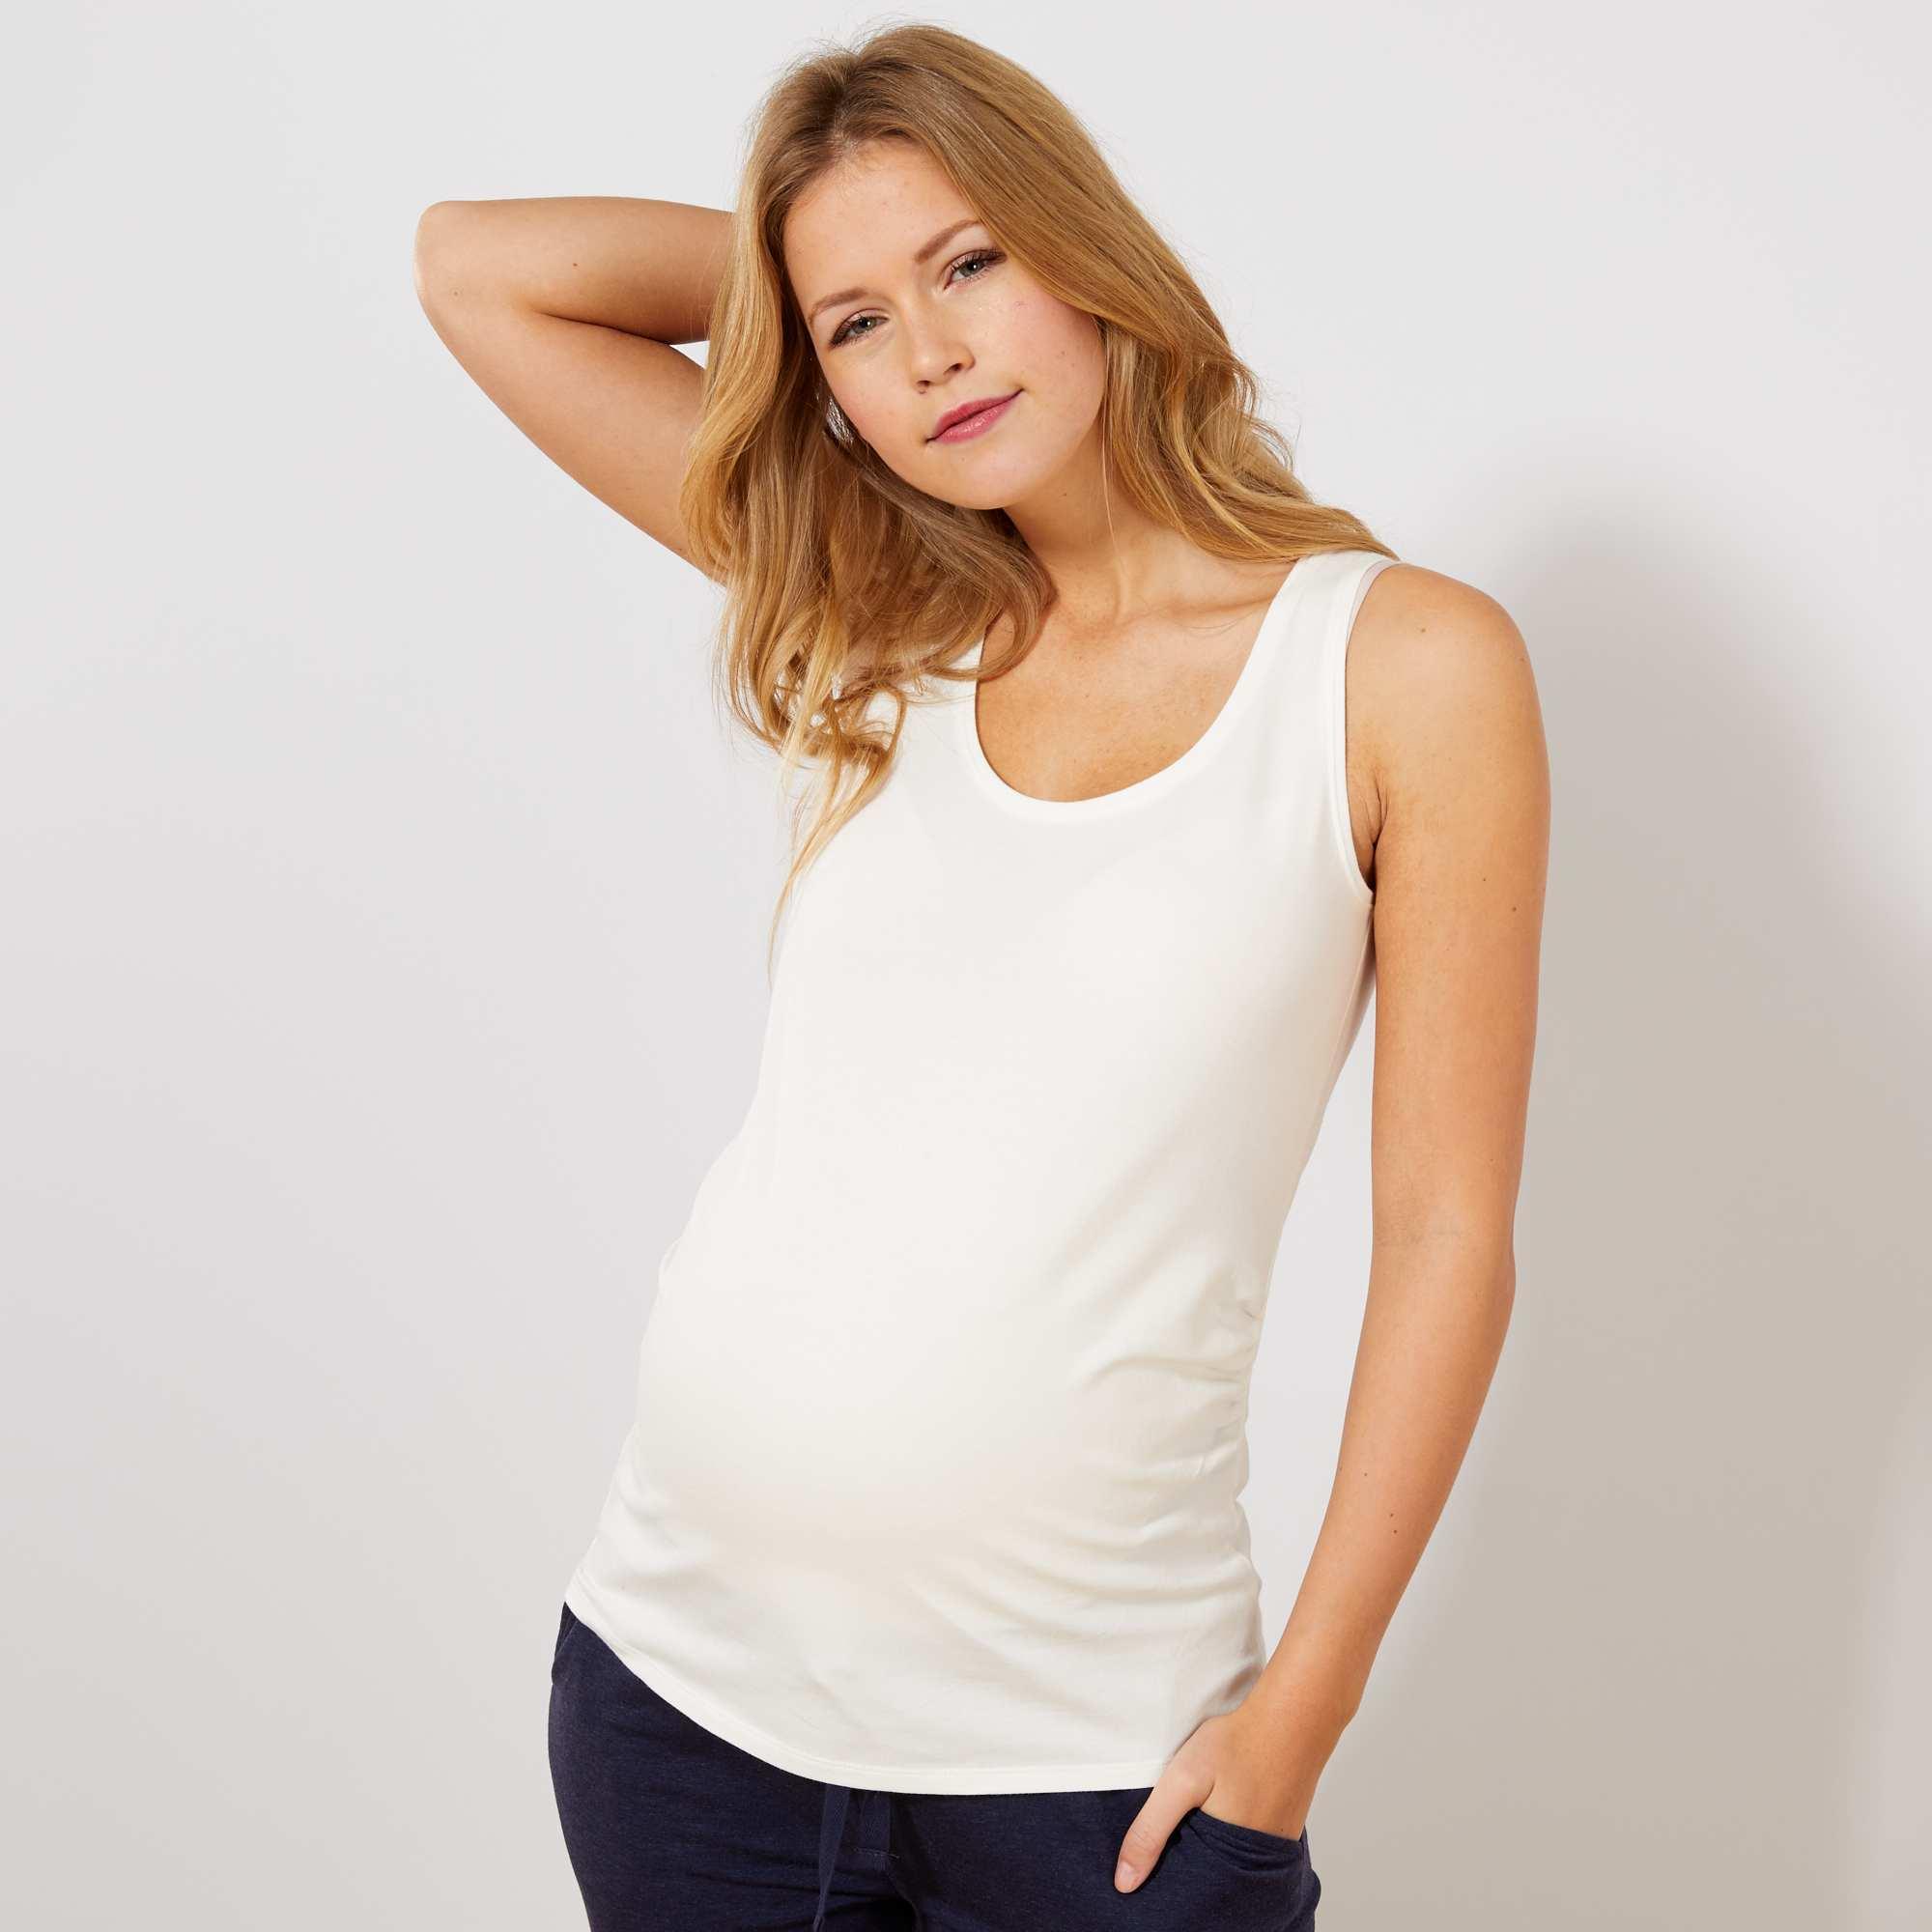 Couleur : noir, blanc, bleu,vert, - Taille : 46/48, 42/44, 34/36,38/40,Le bon basique à mixer à volonté ! - Débardeur de grossesse - Larges bretelles -